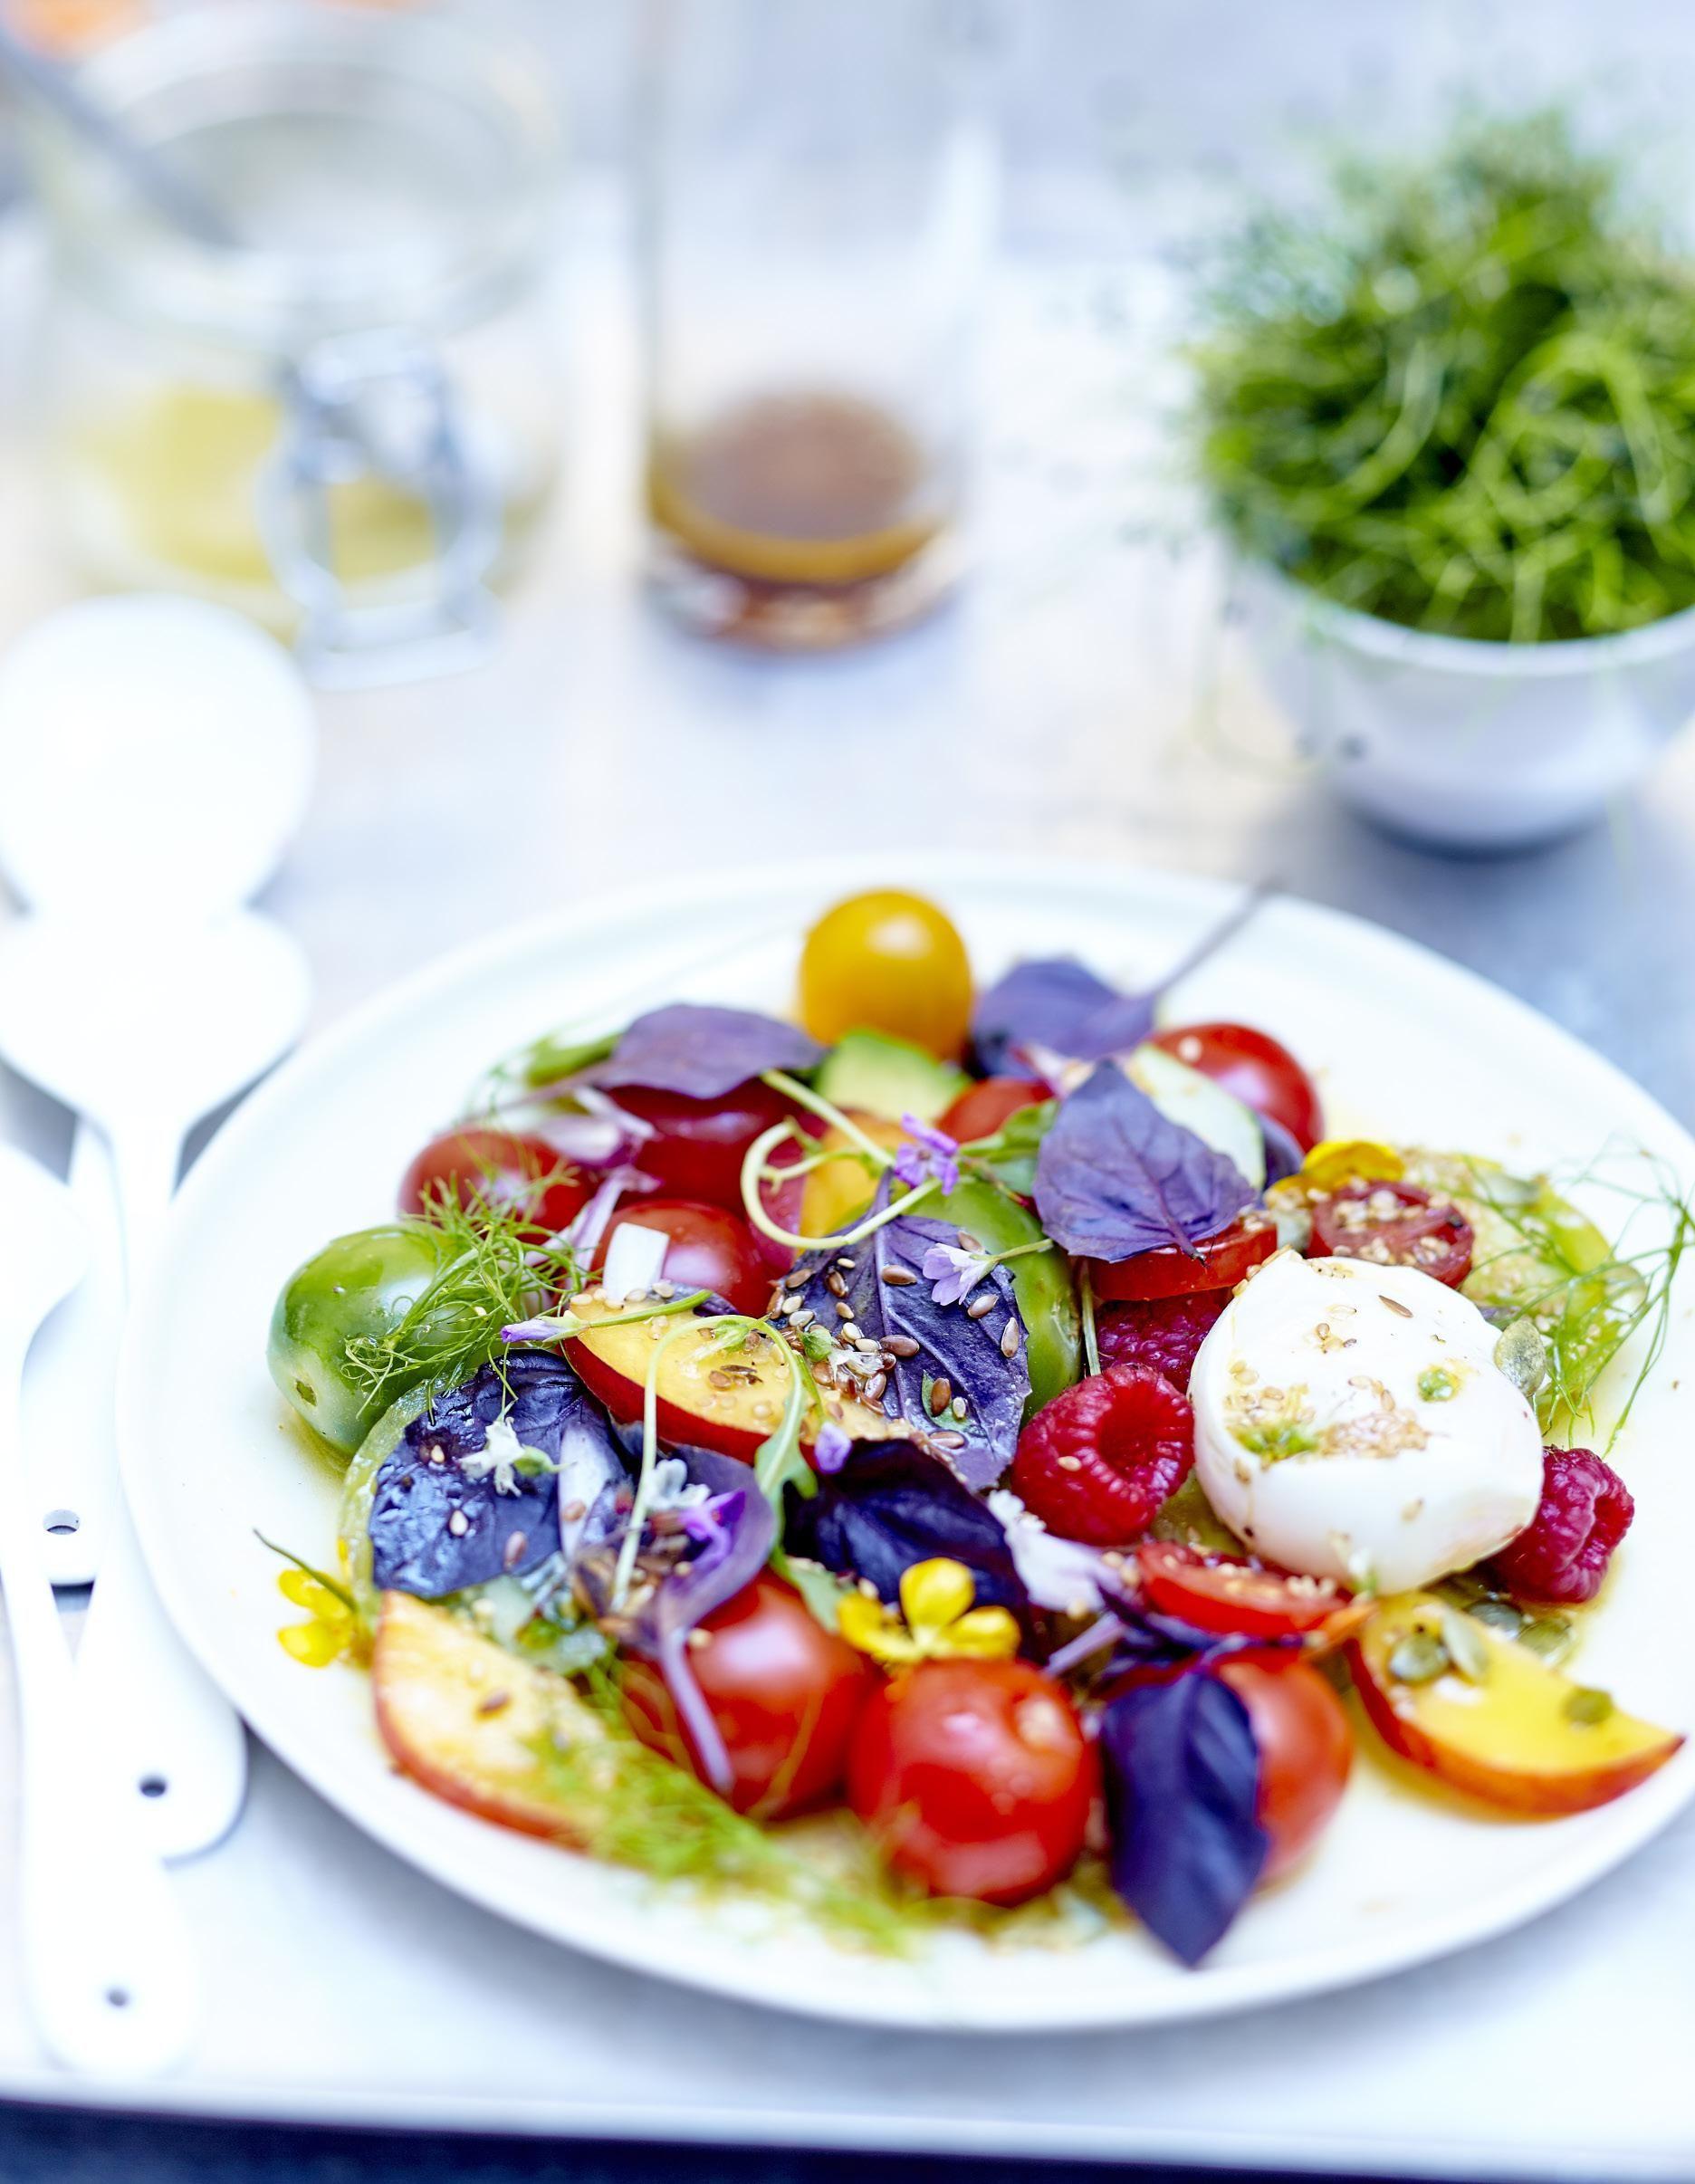 Salade de tomates, fruits, fleurs et burrata au basilic pourpre pour 6 personnes - Recettes Elle à Table